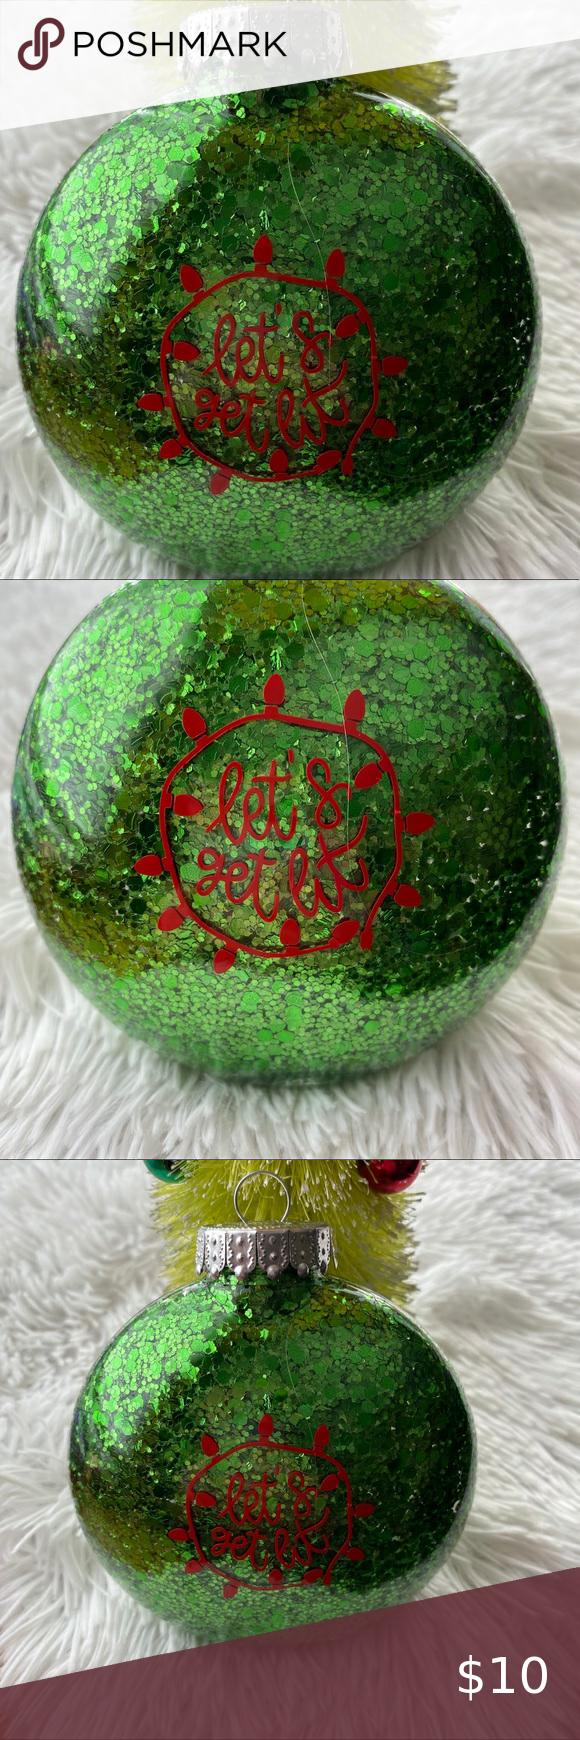 Let S Get Lit Green Glitter Christmas Ornament Glitter Christmas Christmas Light Ornament Green Glitter